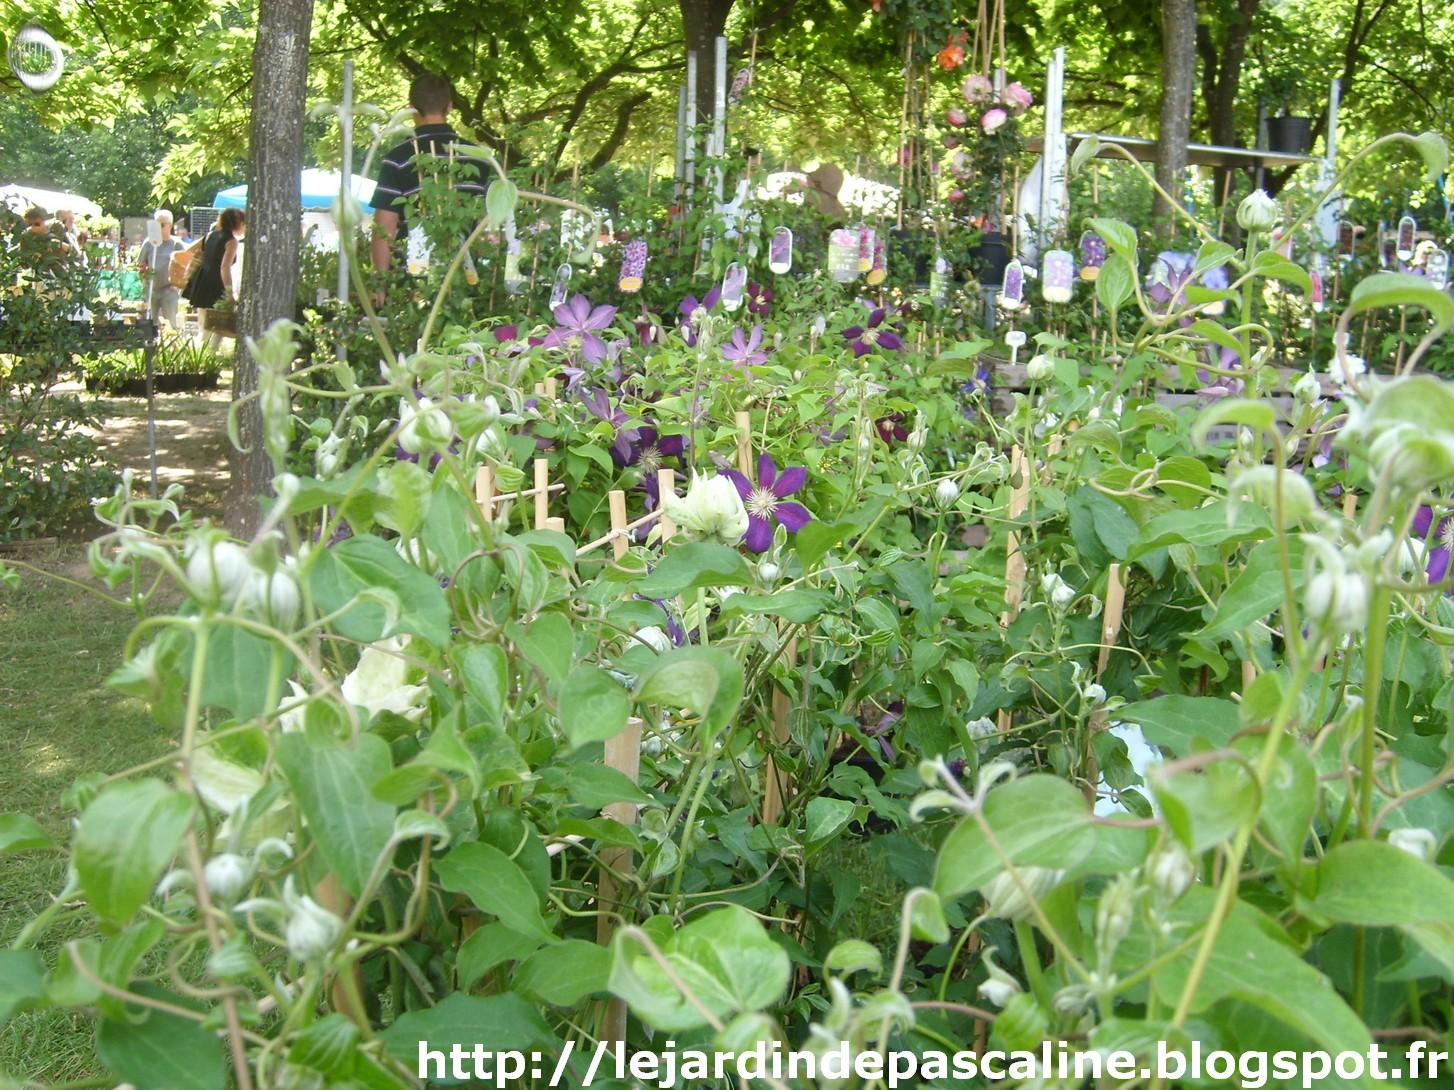 Le jardin de pascaline mon coup de coeur aux jardins d for Jardin aux plantes